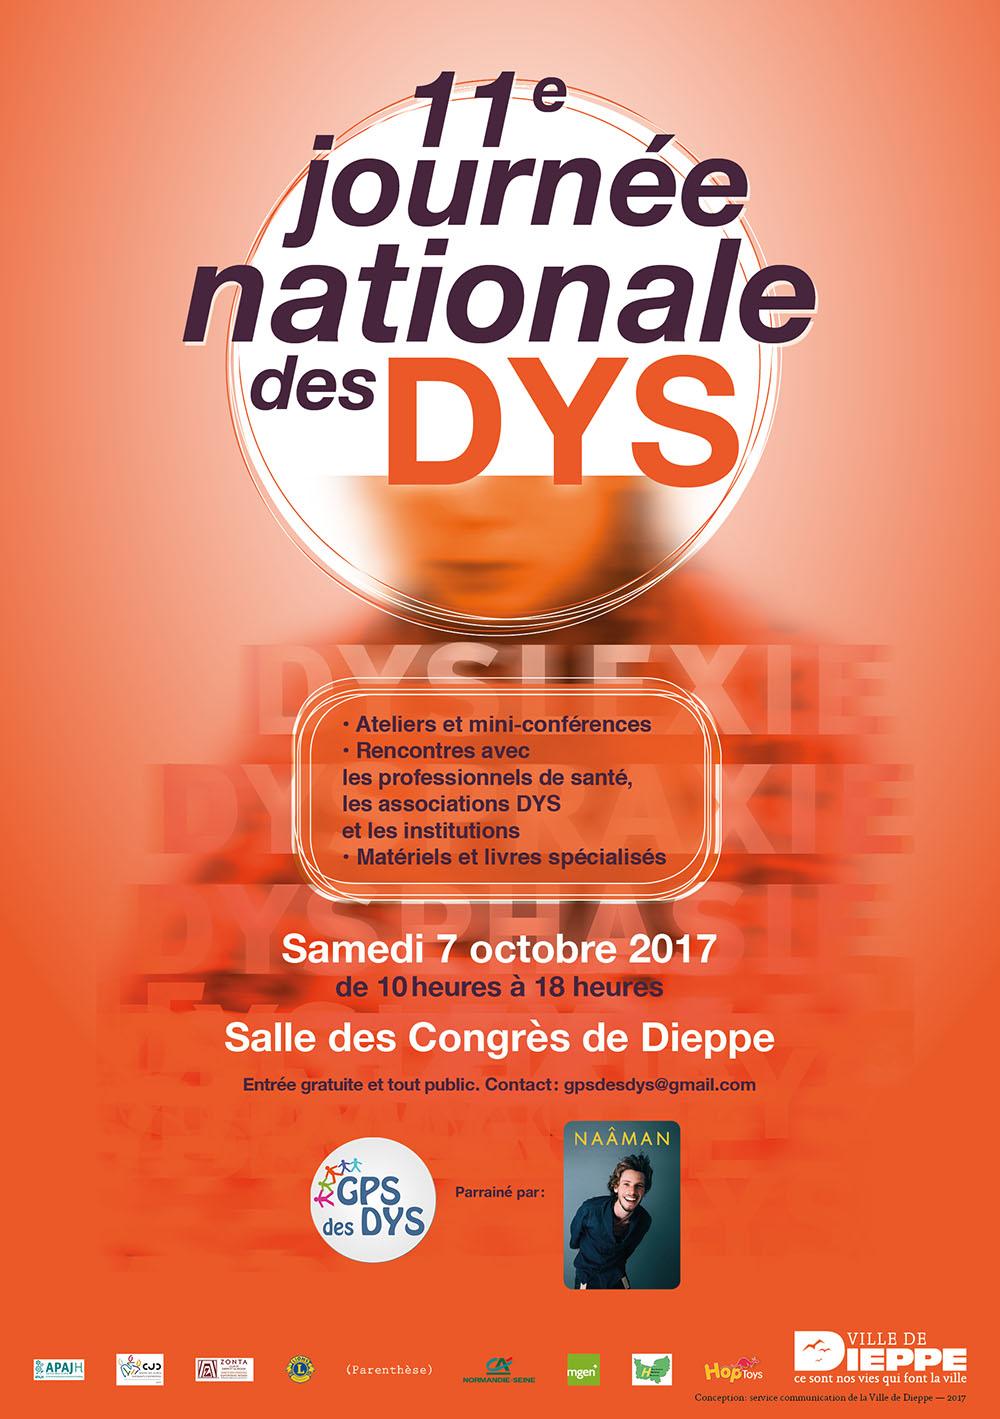 Journee-DYS-2017